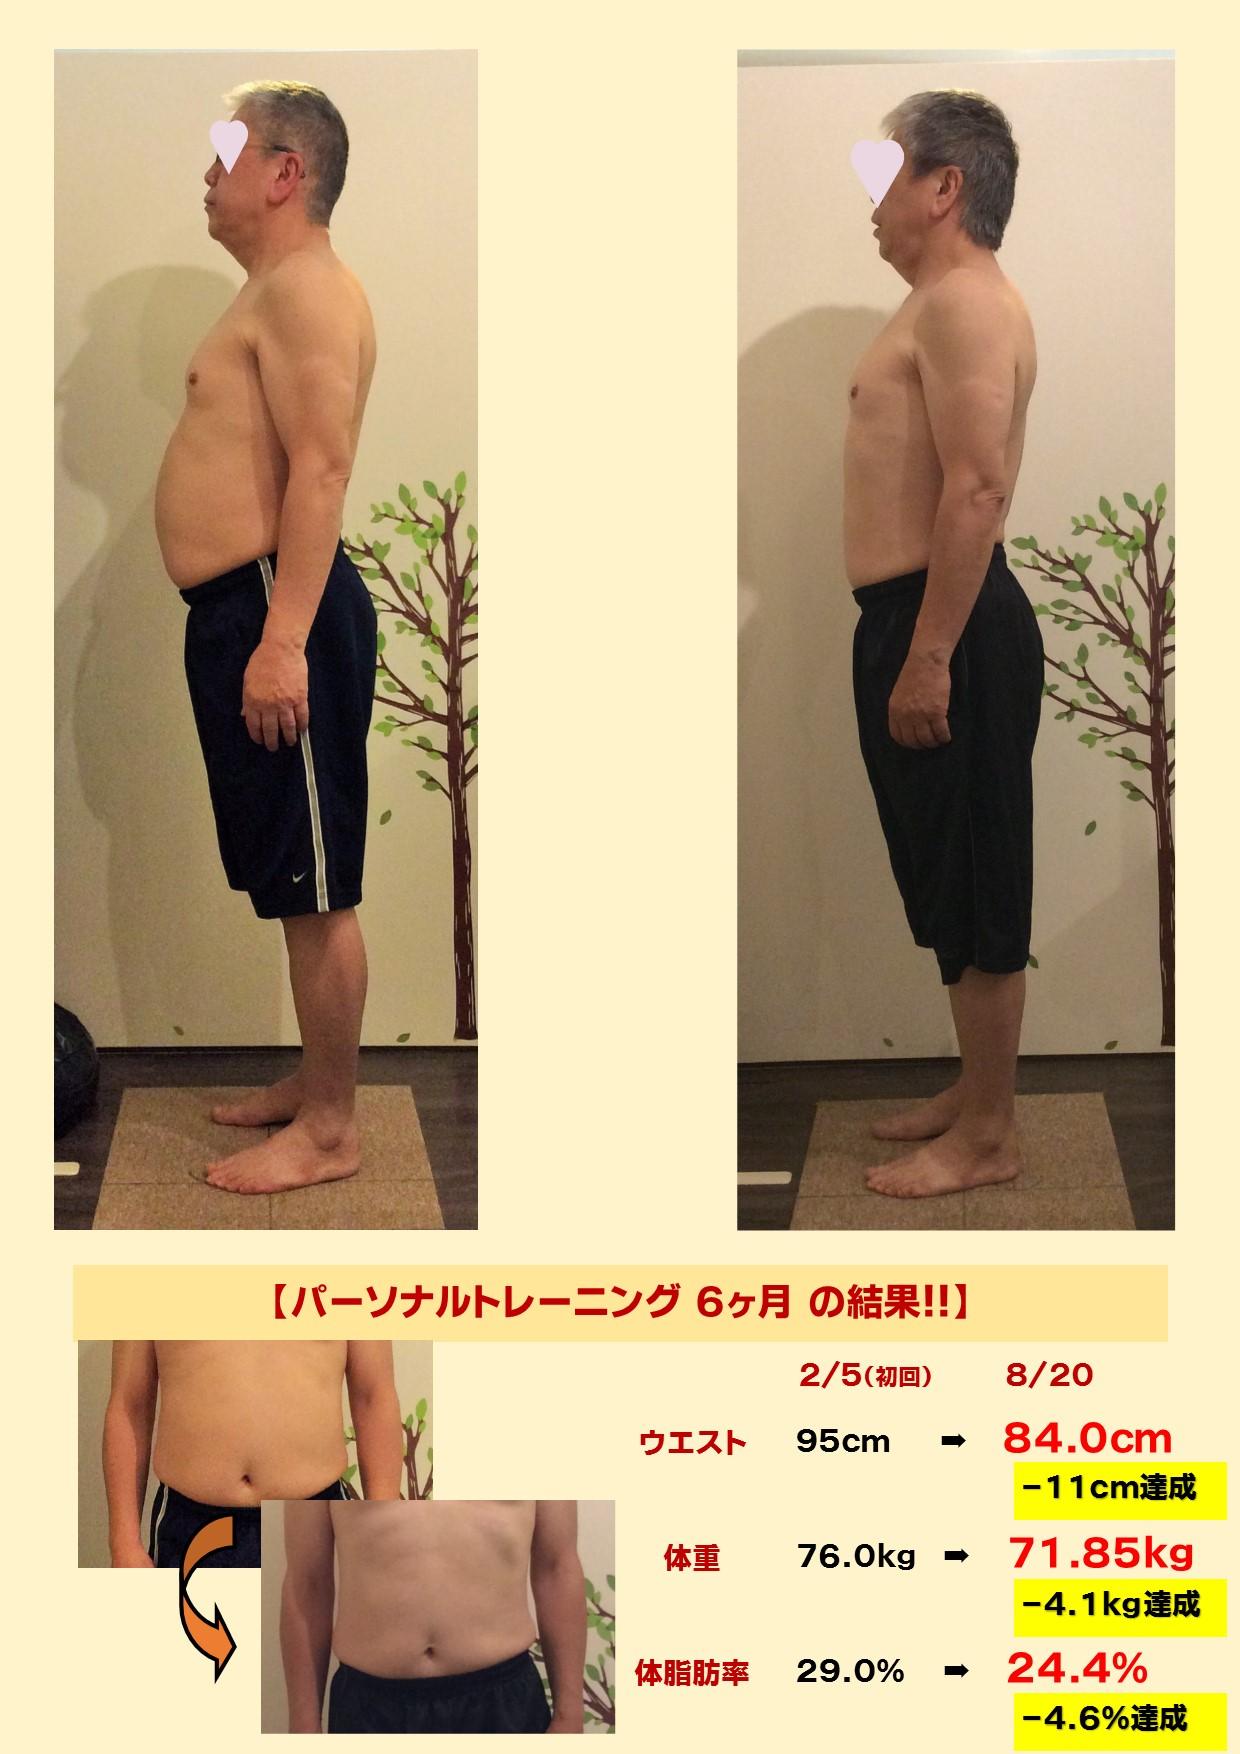 宝塚市にお住いの60代男性のパーソナルトレーニングによるダイエット結果